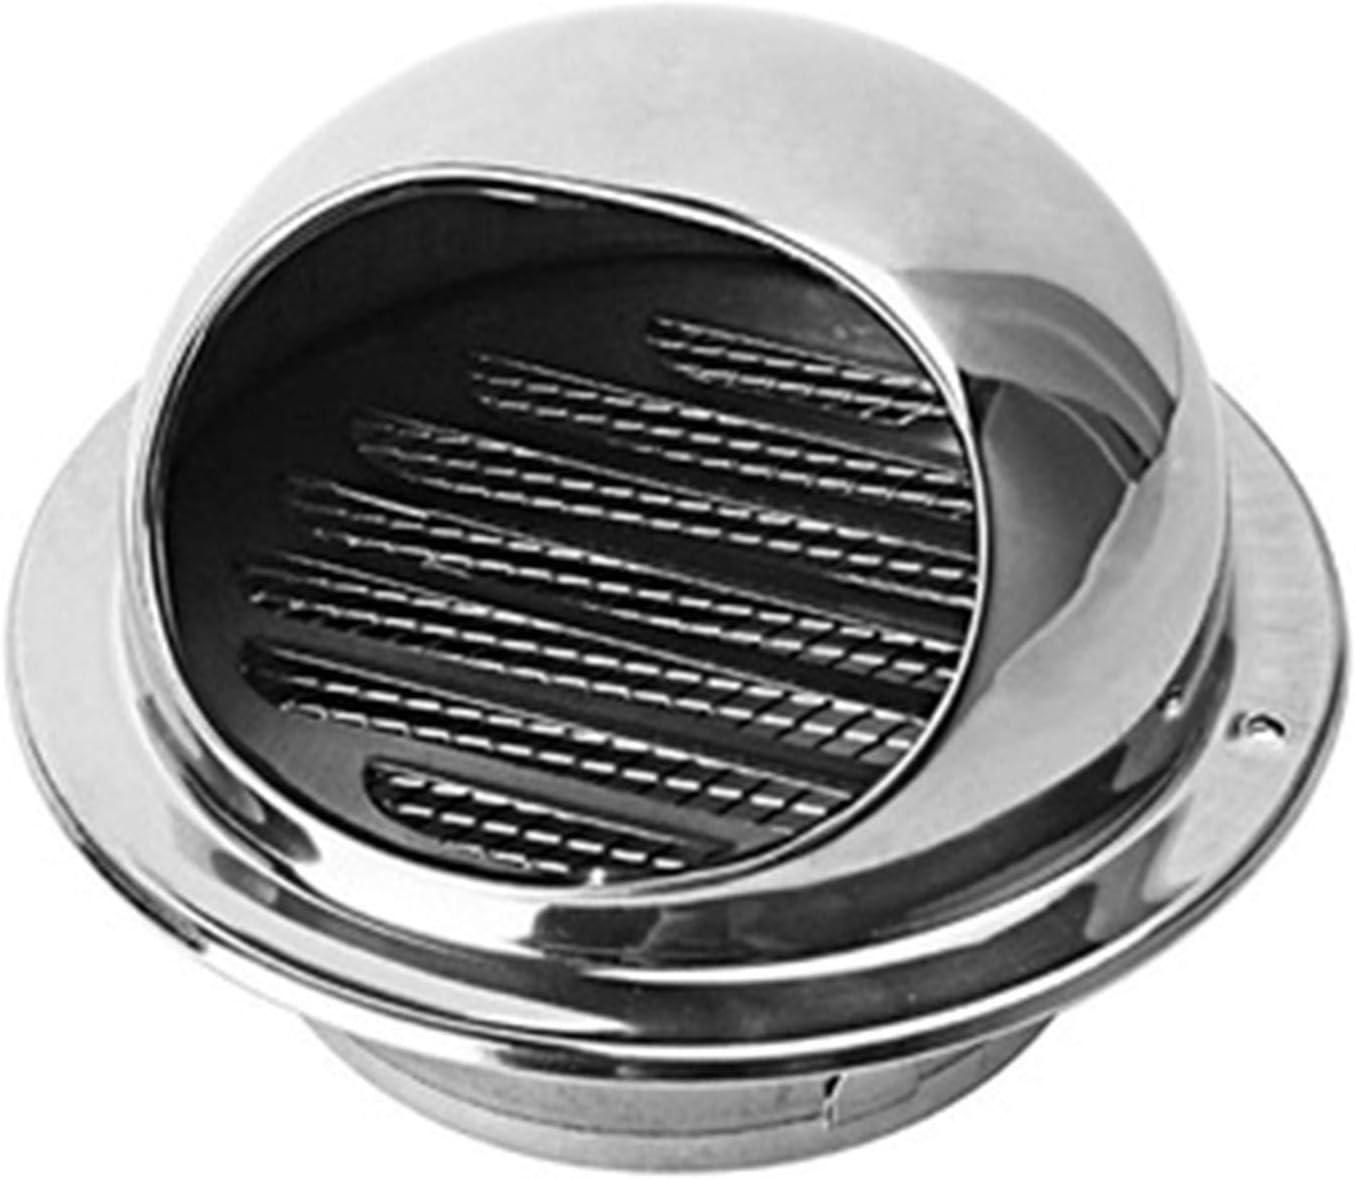 Kanalventilator L/üftungsgitter Edelstahl Mit Insektennetz,70mm LTLCLZ L/üftungsgitter Rundgitter L/üftungshaube